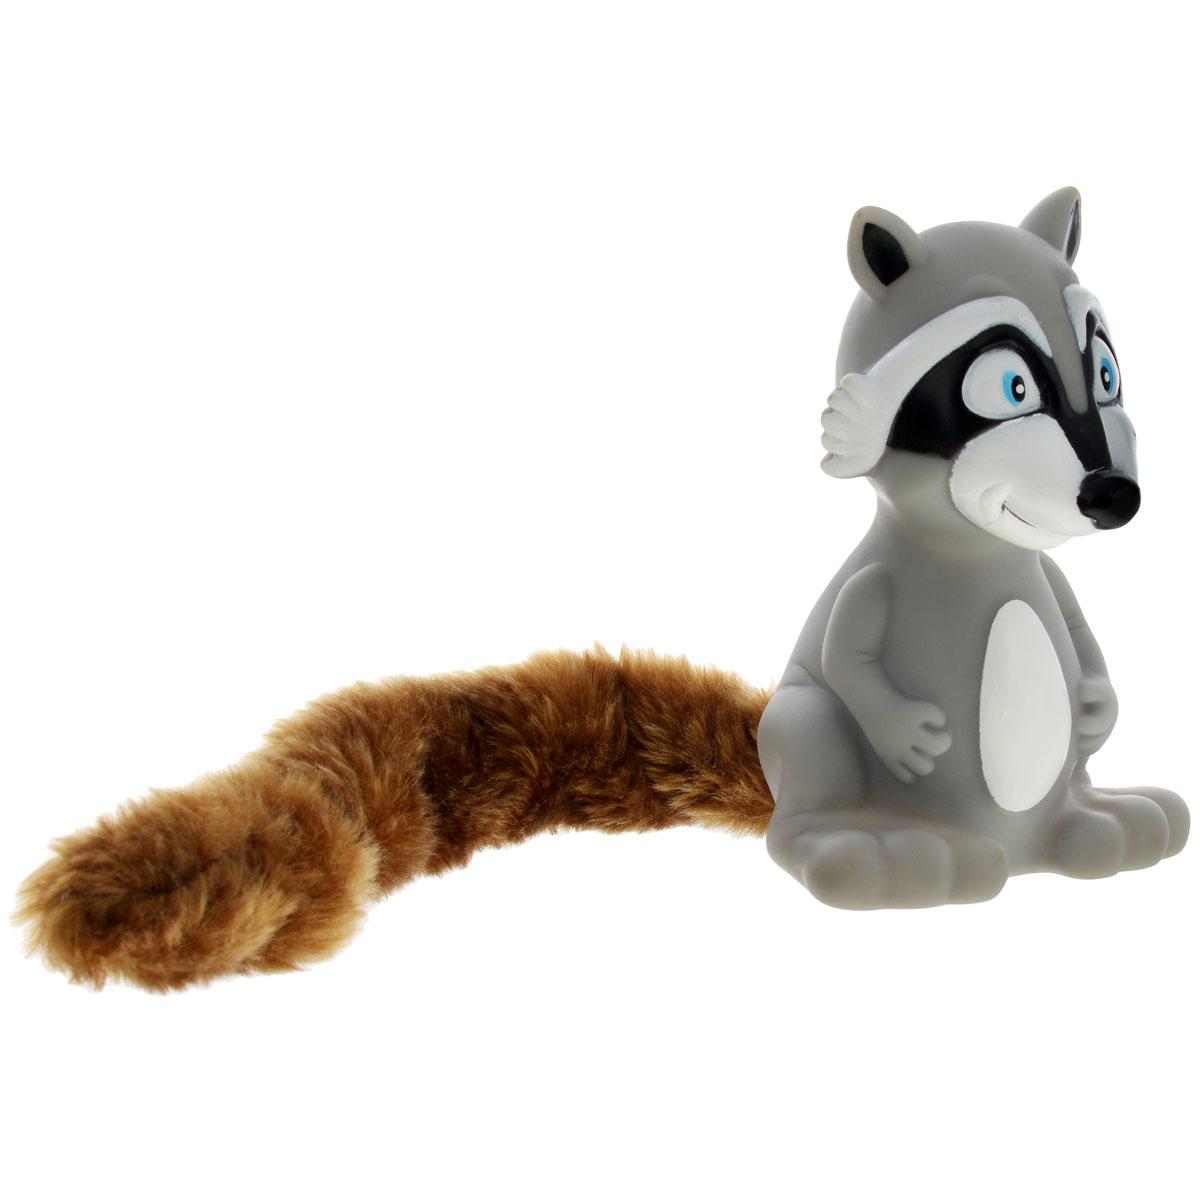 Игрушка для собак Aveva Енот13302Игрушка для собак Aveva Енот, выполненная в виде забавного енота с плюшевым хвостом, изготовлена из резины. Такая игрушка позволит весело провести время вашему питомцу, а также поможет вам сохранить в целости личные вещи и предметы интерьера. Яркая игрушка привлечет внимание вашего любимца, не навредит здоровью и займет его на долгое время. Длина хвоста игрушки: 20 см.